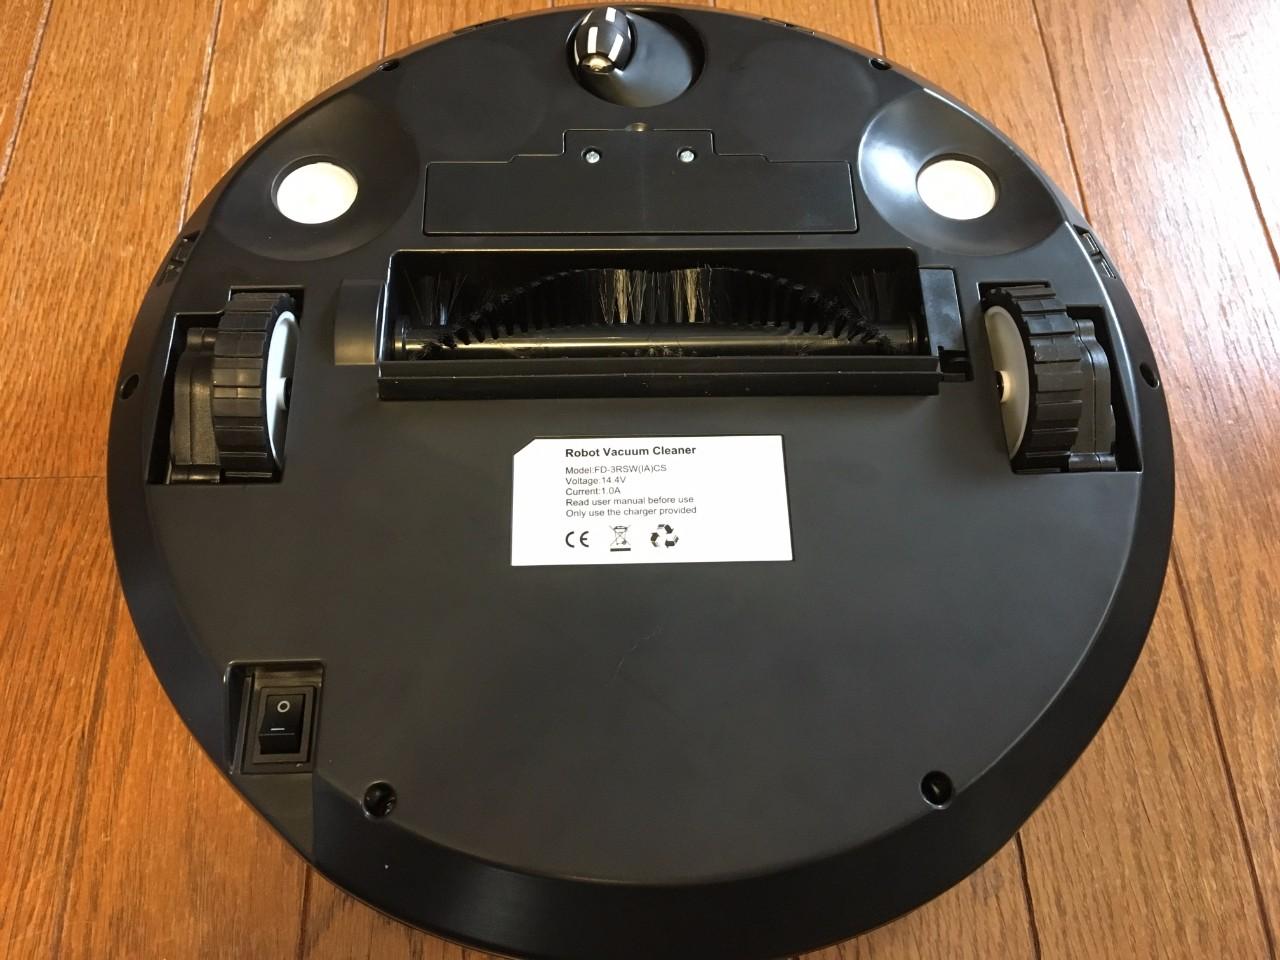 pr-evertop-robotic-vacuum-clean-13